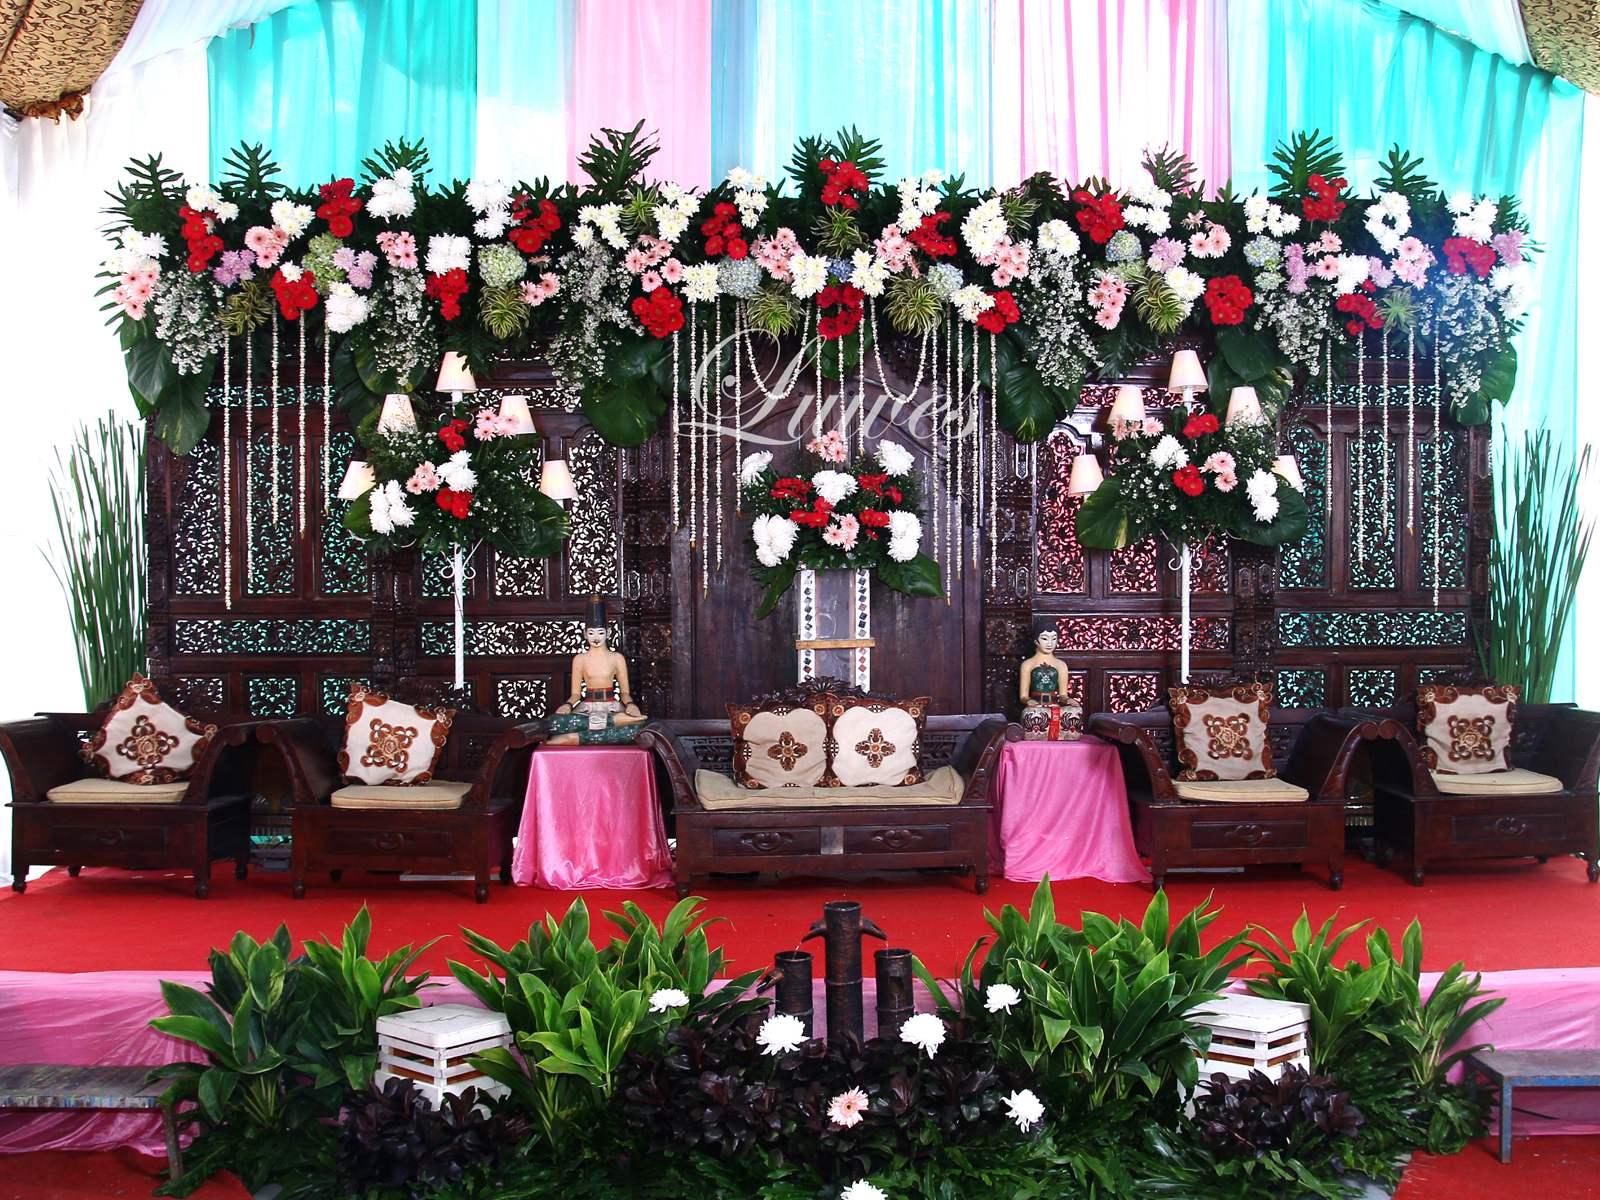 Gallery Photo Dekorasi Halaman 5 Paket Pernikahan Dekorasi